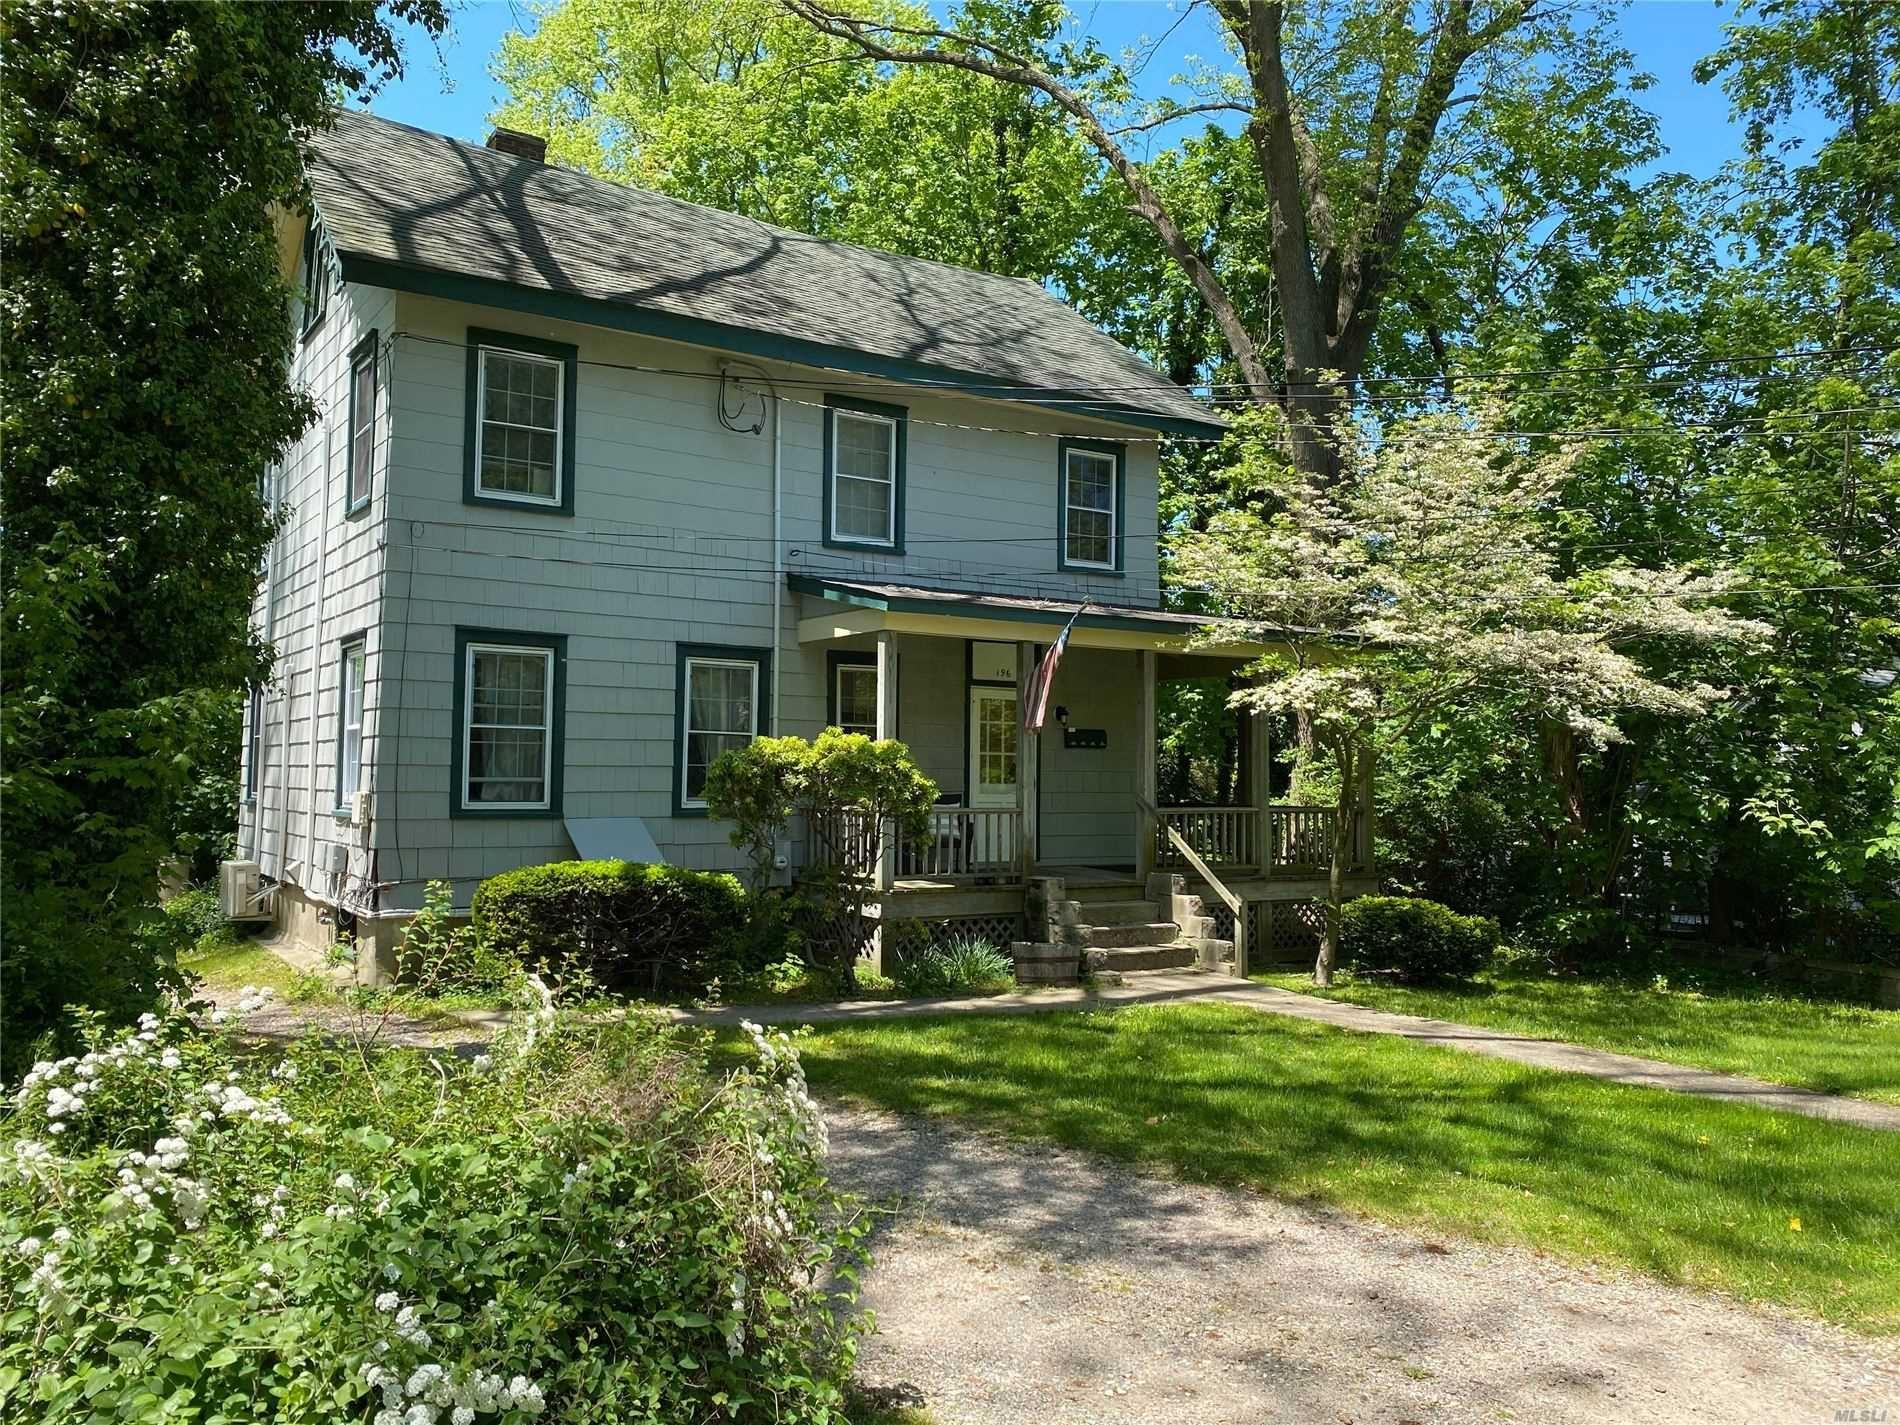 196 Woodhull Rd, Huntington, NY 11743 - MLS#: 3216925